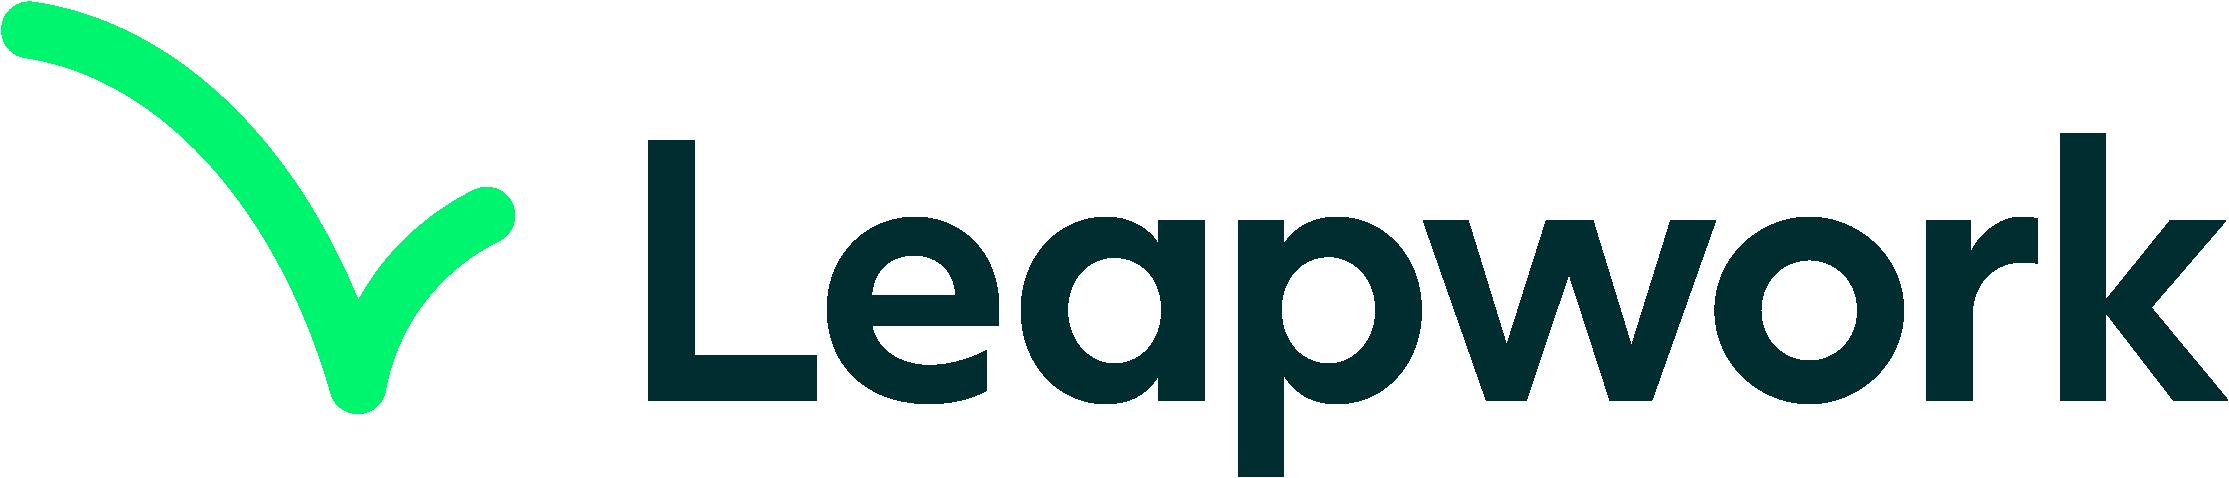 Logo of leapwork